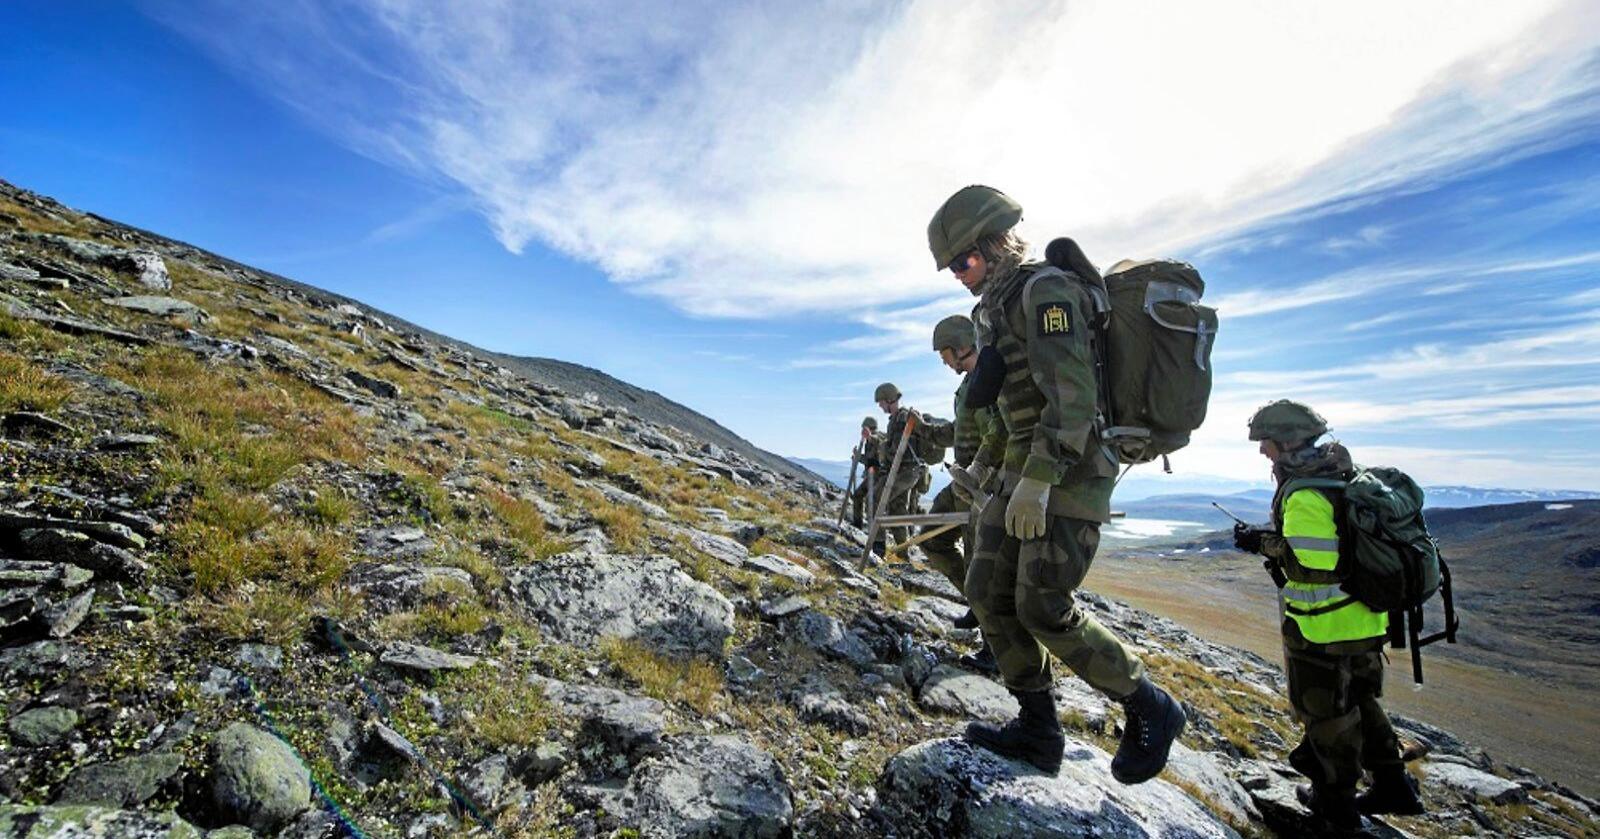 Soldater rydder opp: Den største naturrestaureringa i Norge noensinne er nå helt i sluttfasen på Hjerkinn på Dovrefjell. Blant annet har 15000 soldater gått manngard og fjernet 4666 livsfarlige blindgjengere fra området. Foto: Marthe Brendefur / Forsvaret